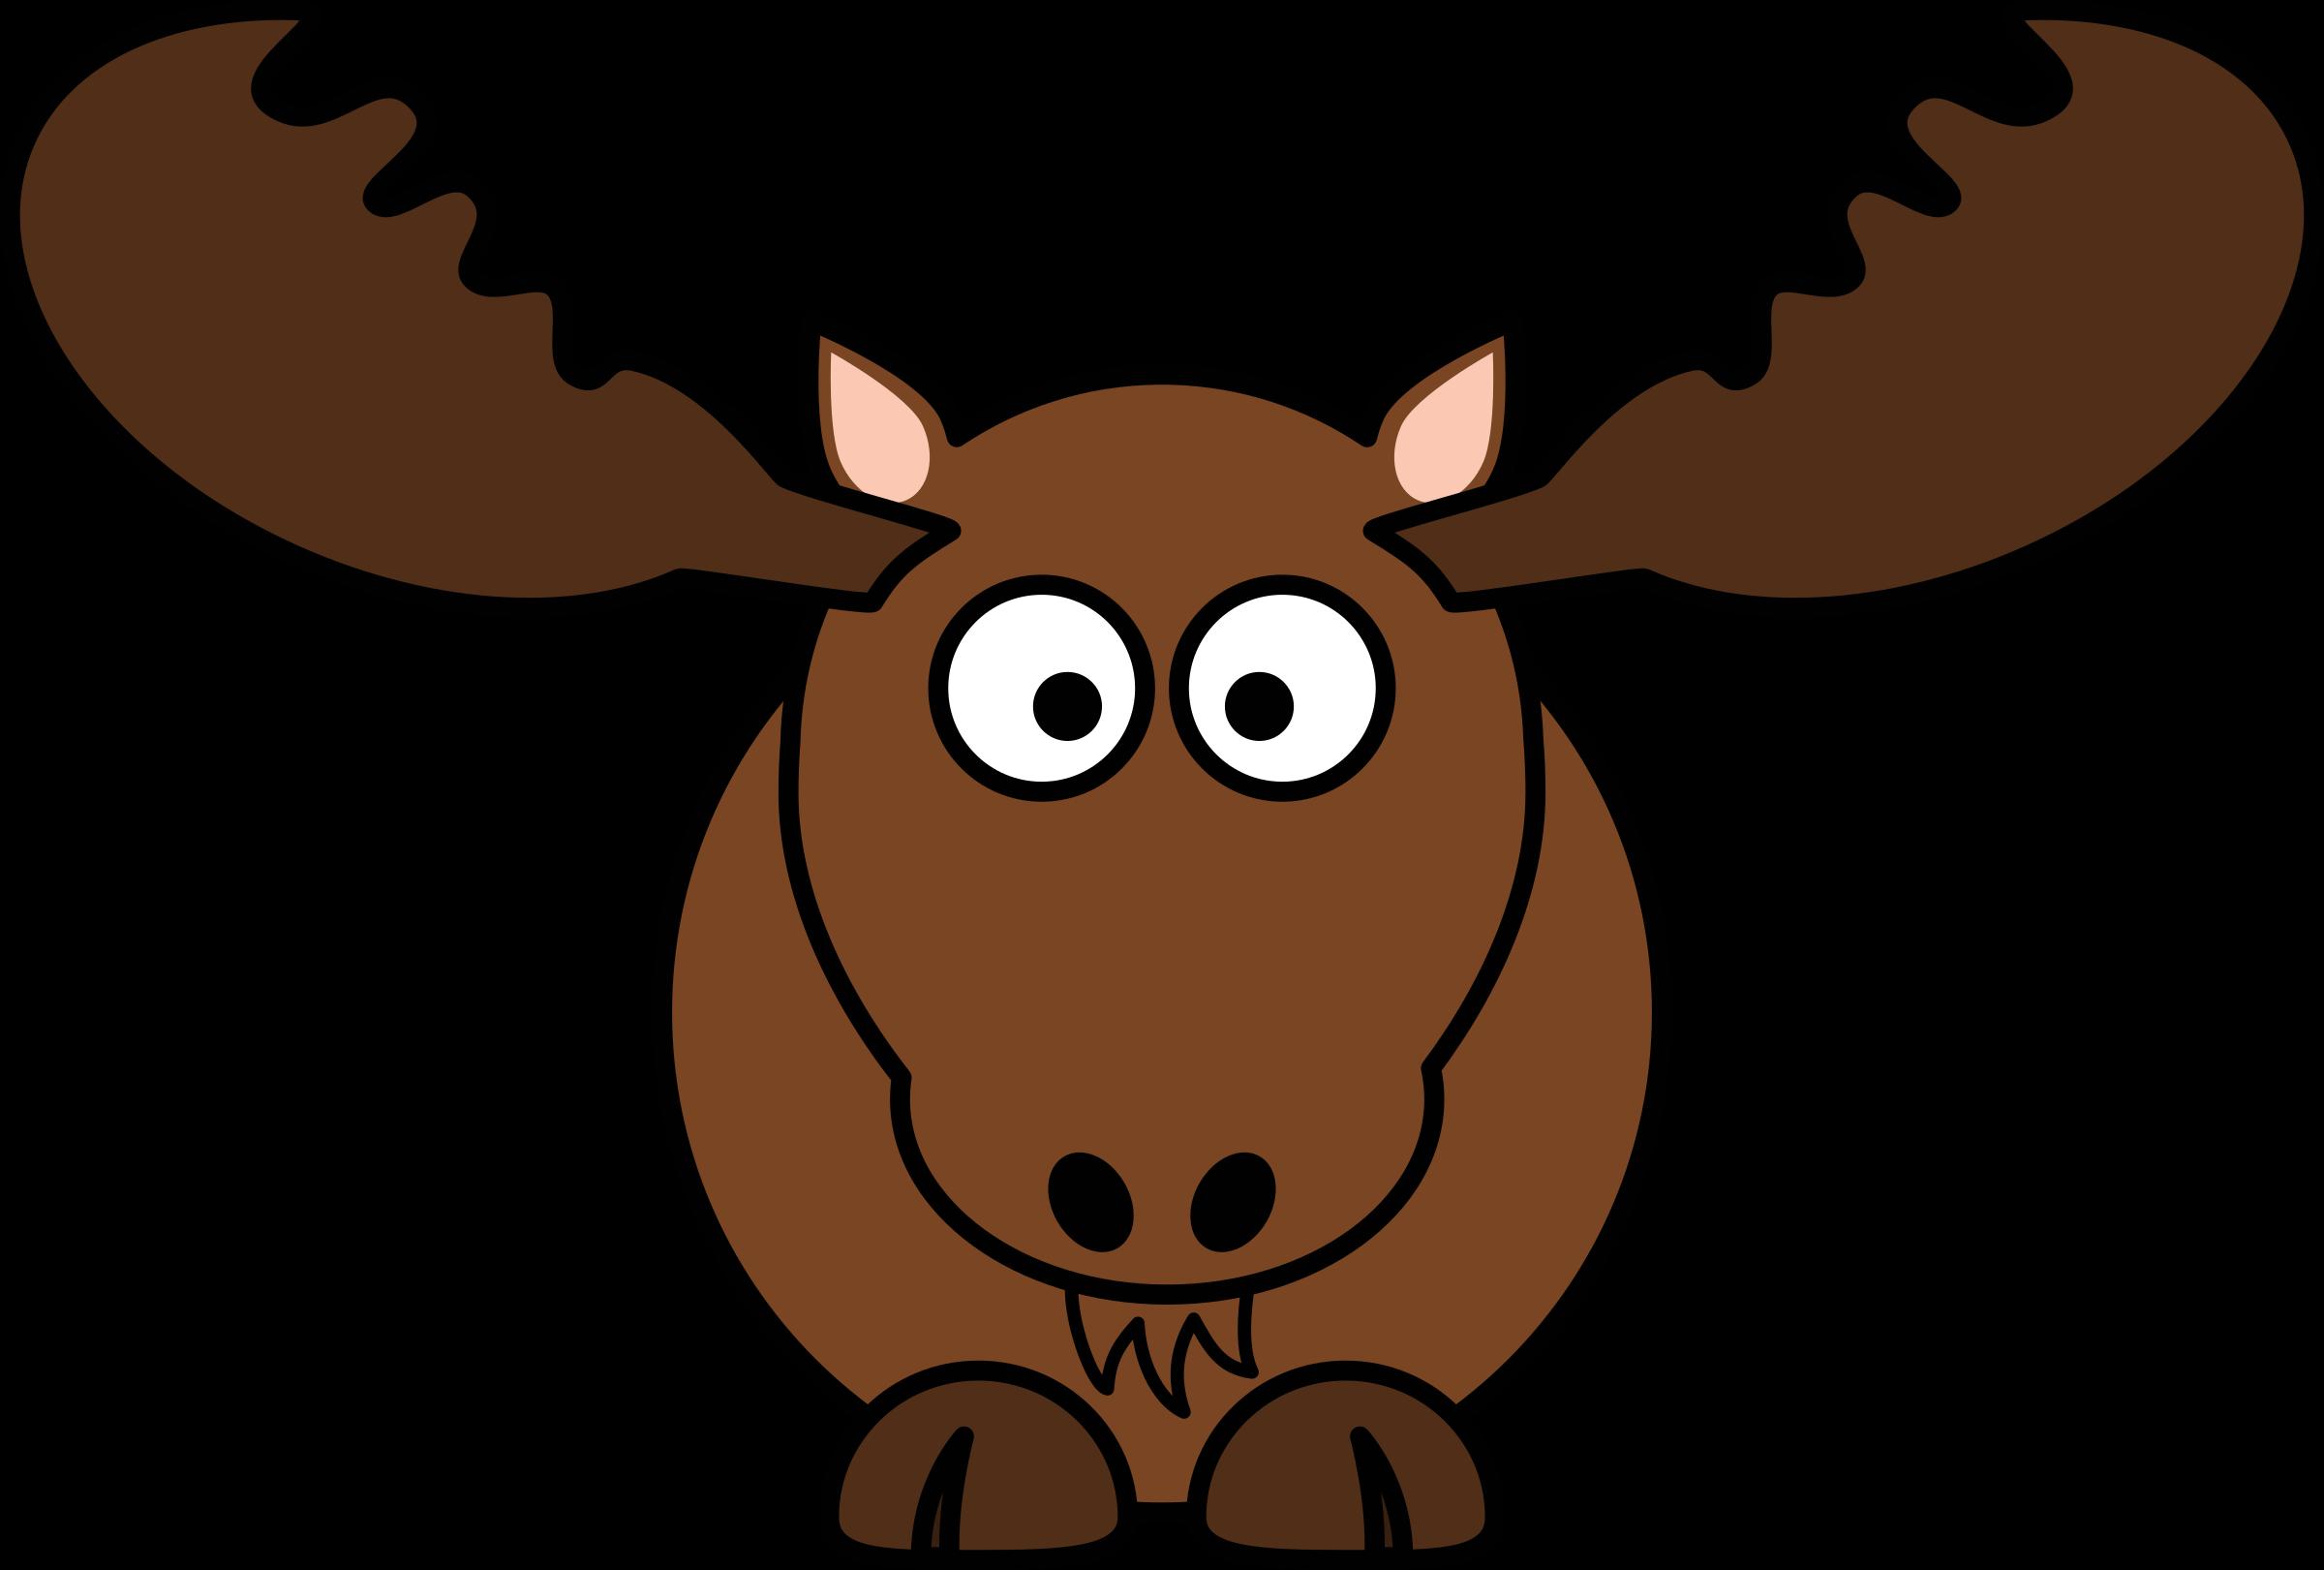 Moose clipart realistic cartoon. Big image png